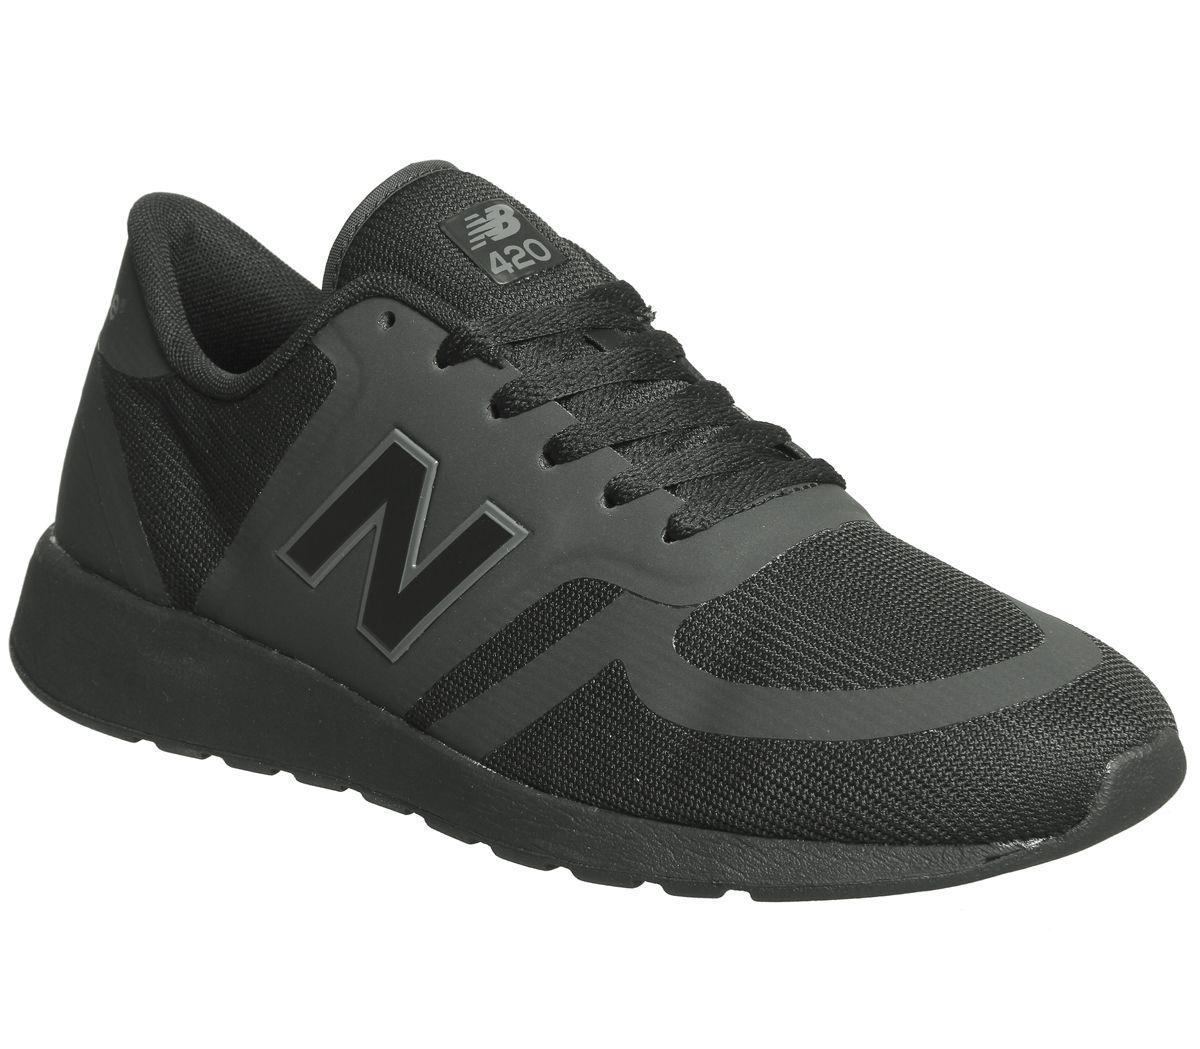 41075e85df1ea New Balance Mrl420 Trainers Black Black Mono - Unisex Sports